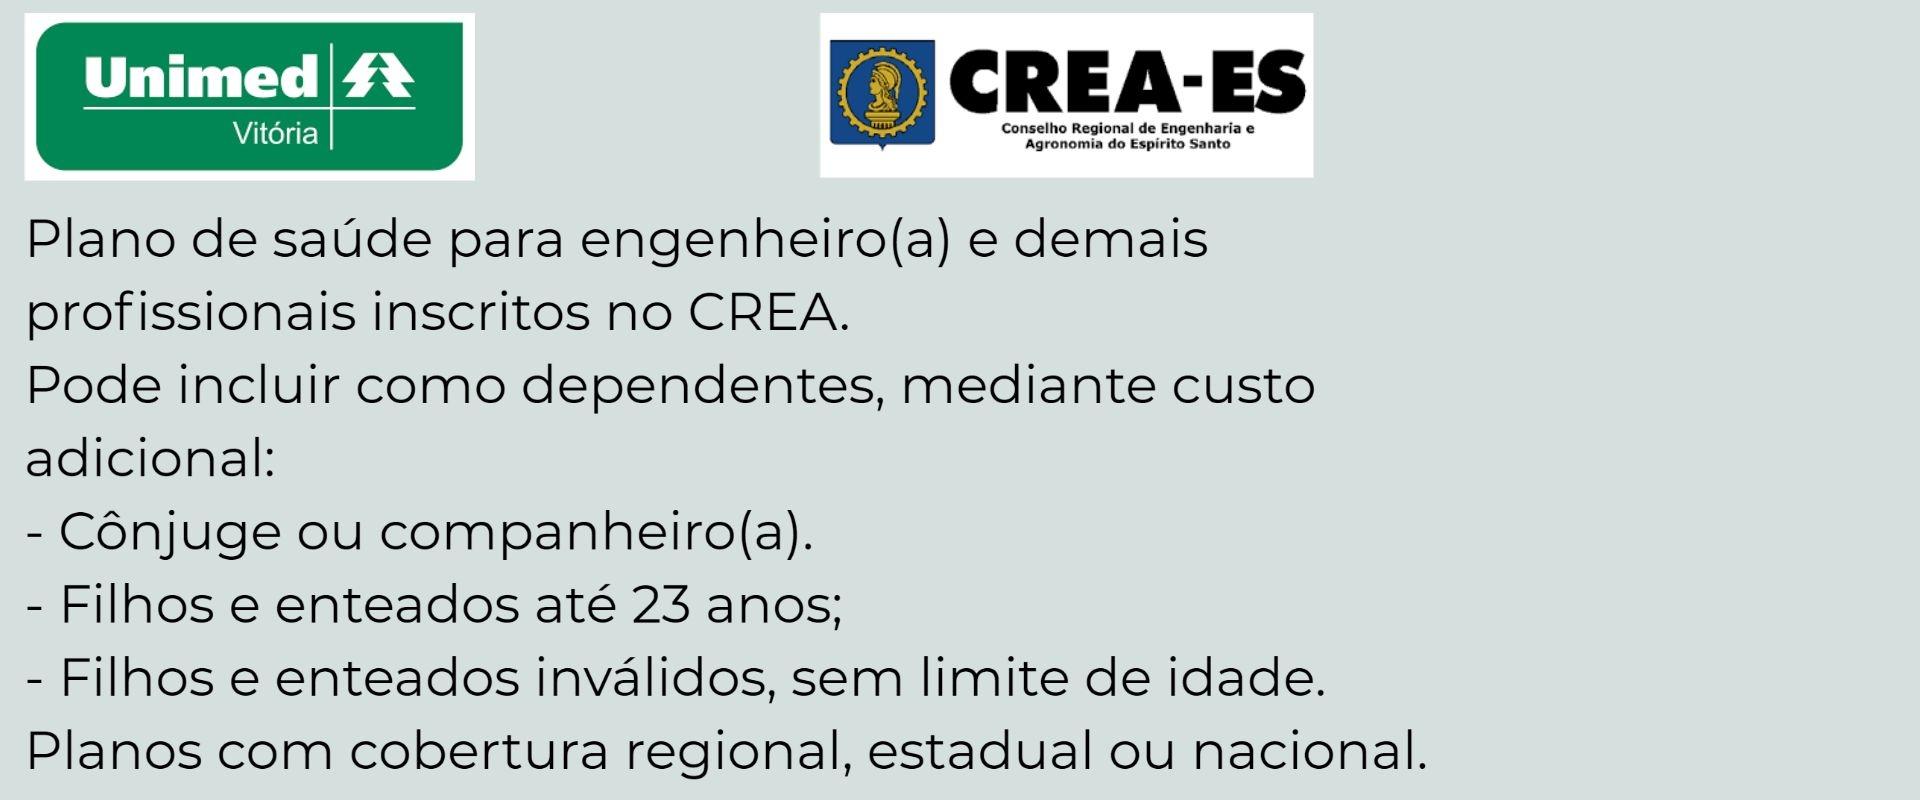 Unimed Vitória CREA-ES